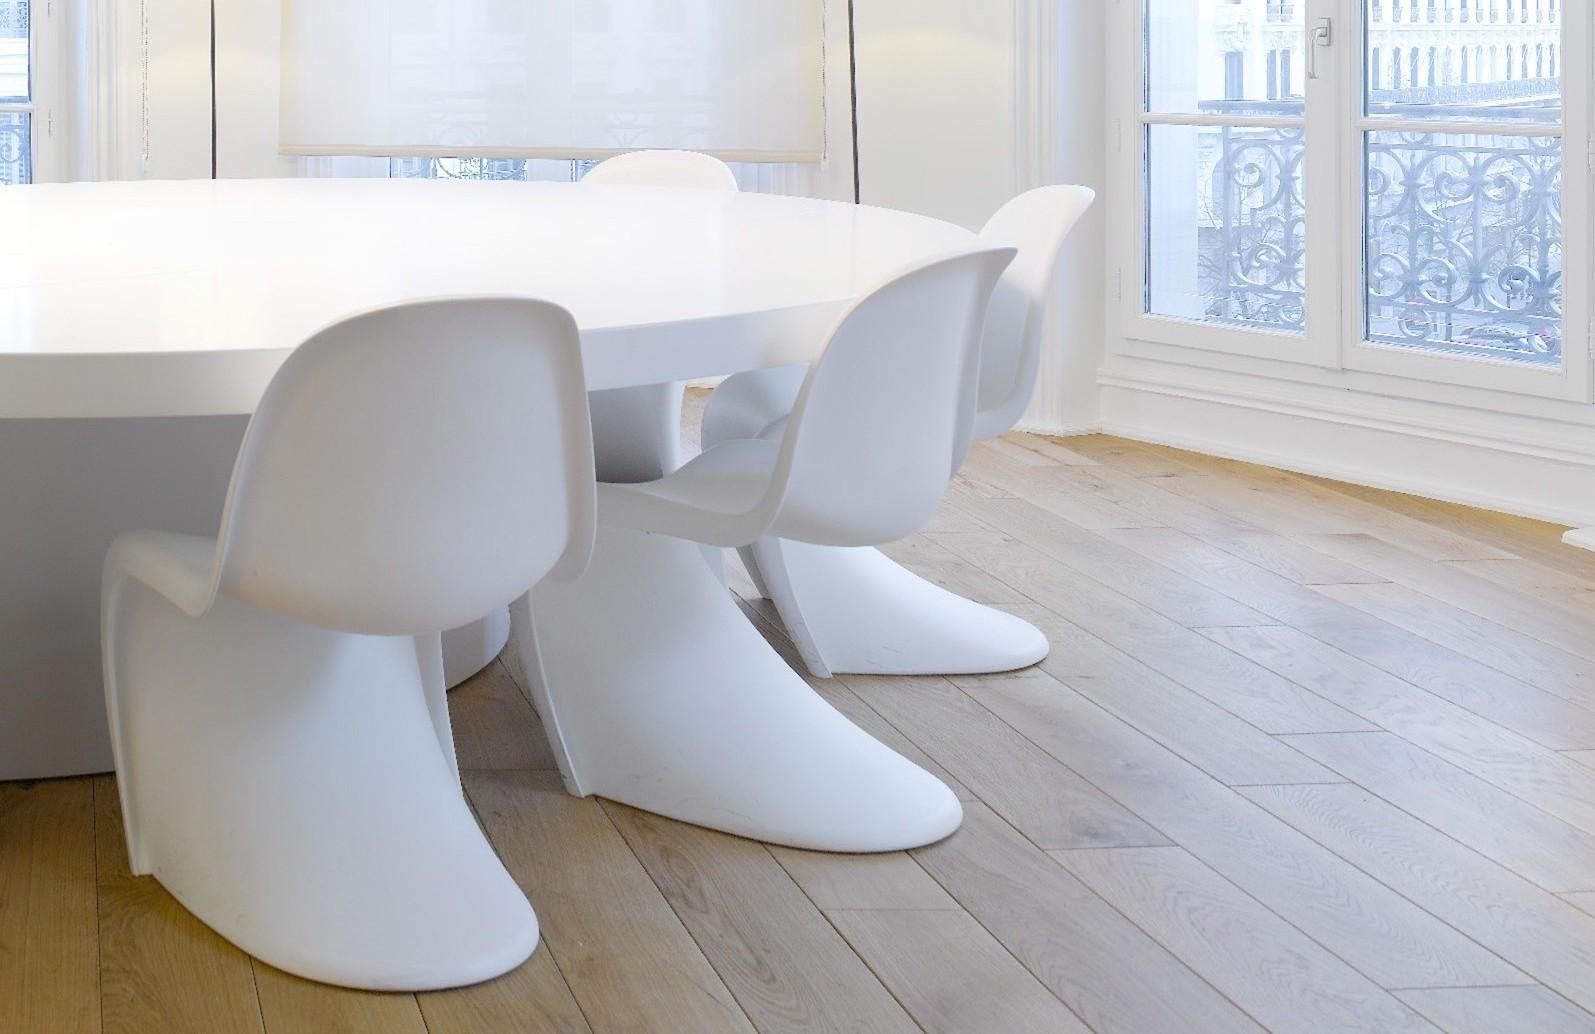 Bureaux / Salle réu blanc